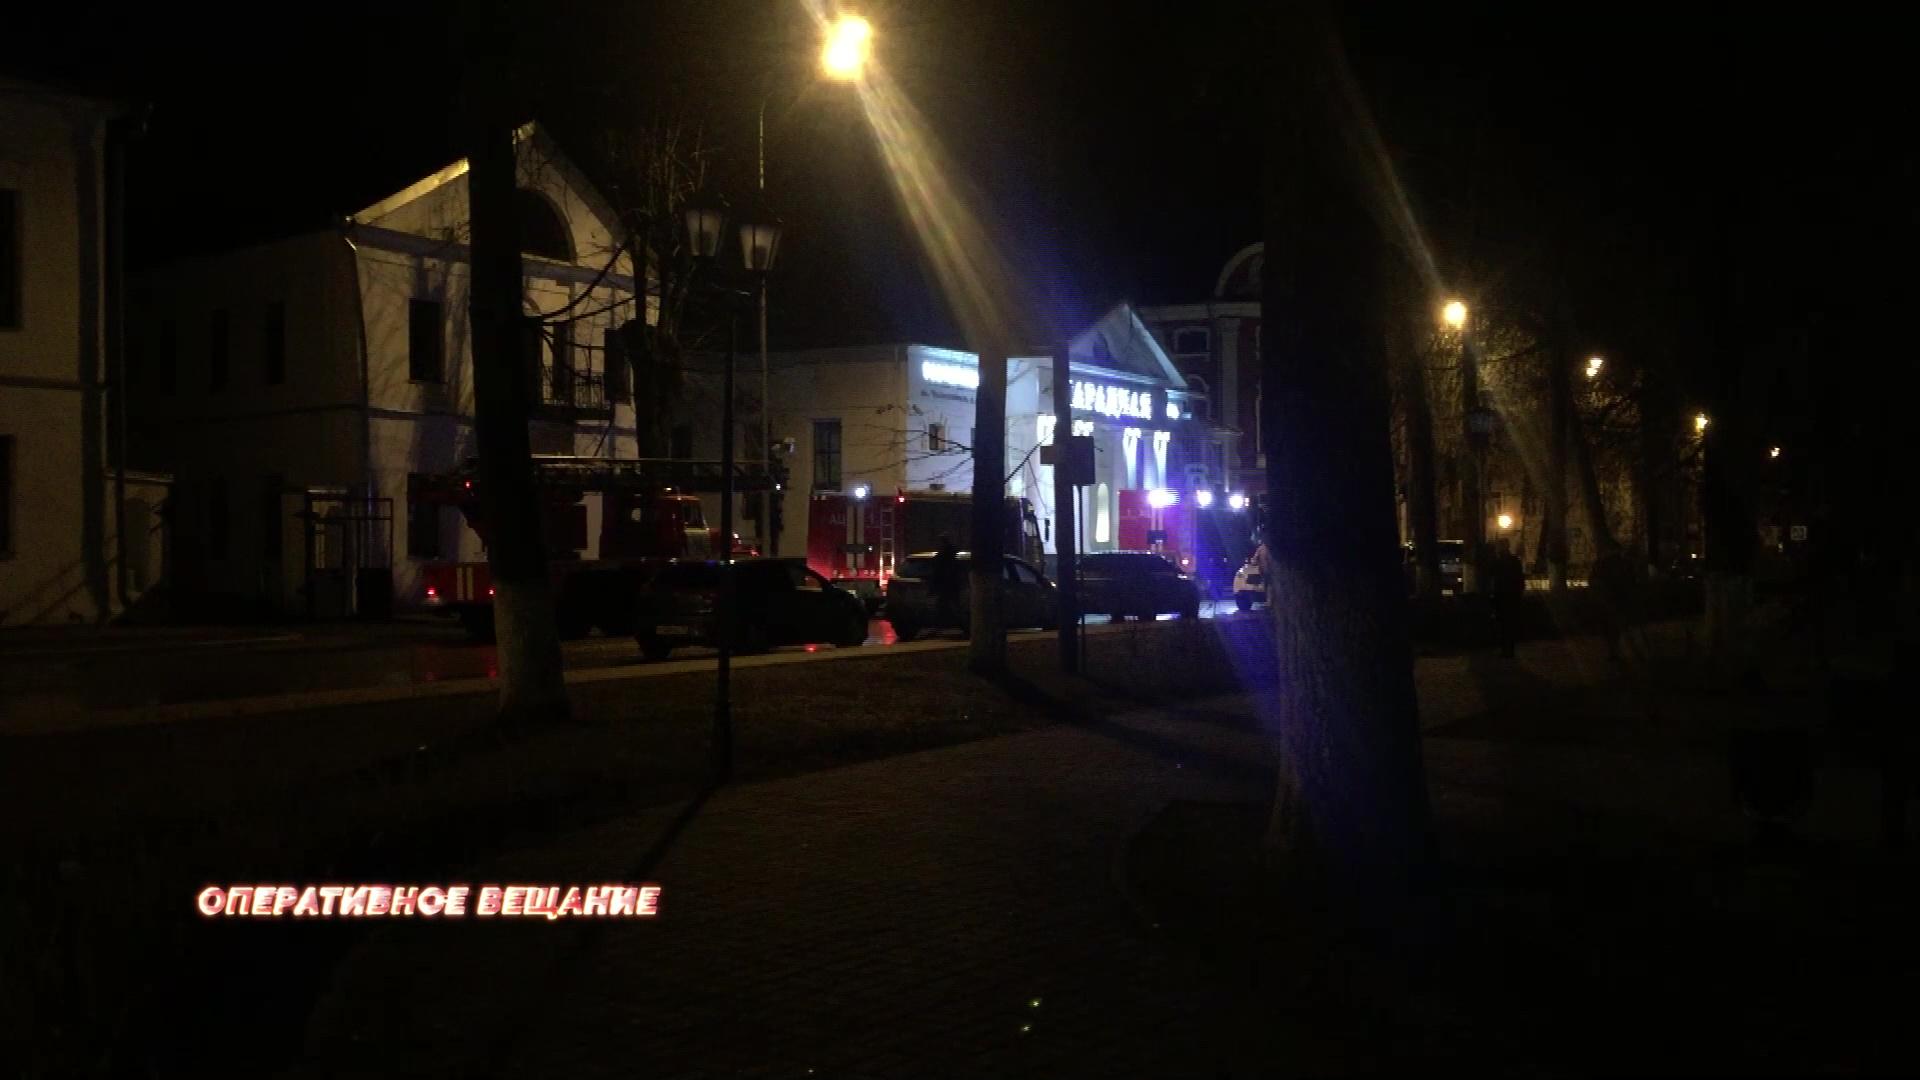 Ночью ярославцев разбудили сирены пожарных: что произошло